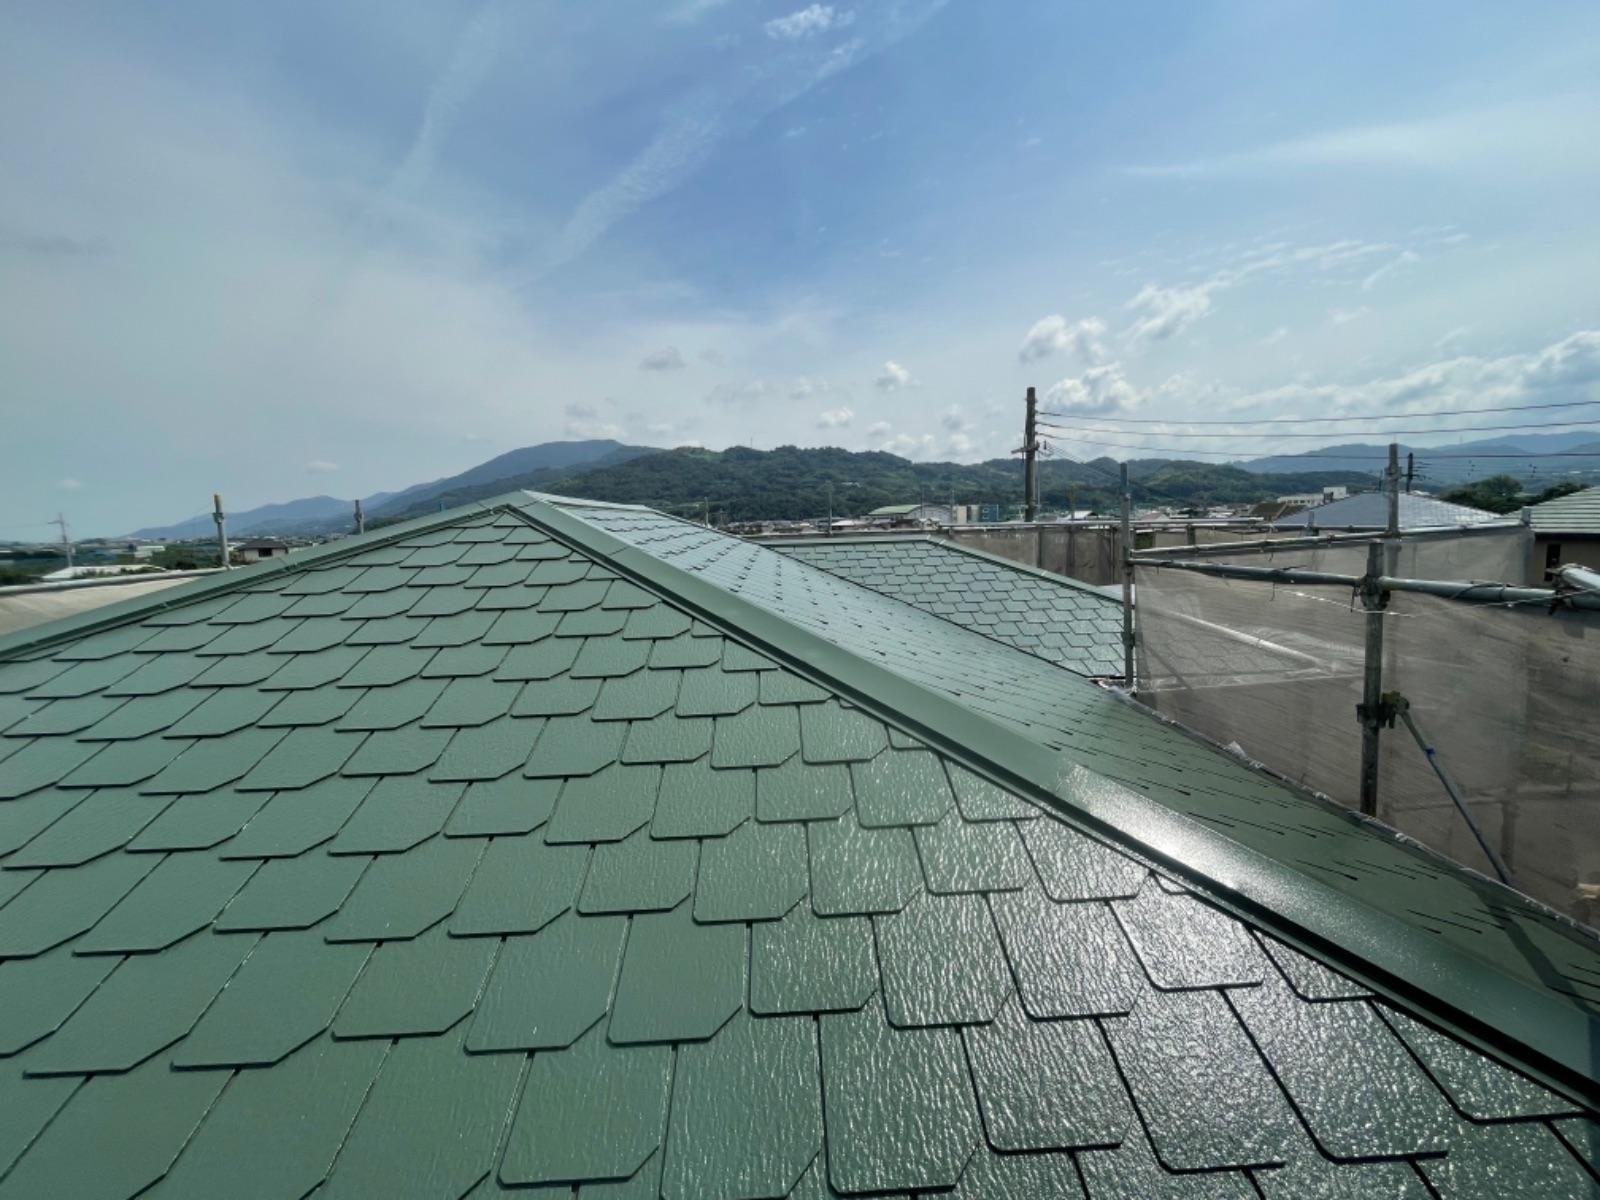 【紀の川市】 M様邸<br>『グリーンの屋根が 上品に輝いています★』2